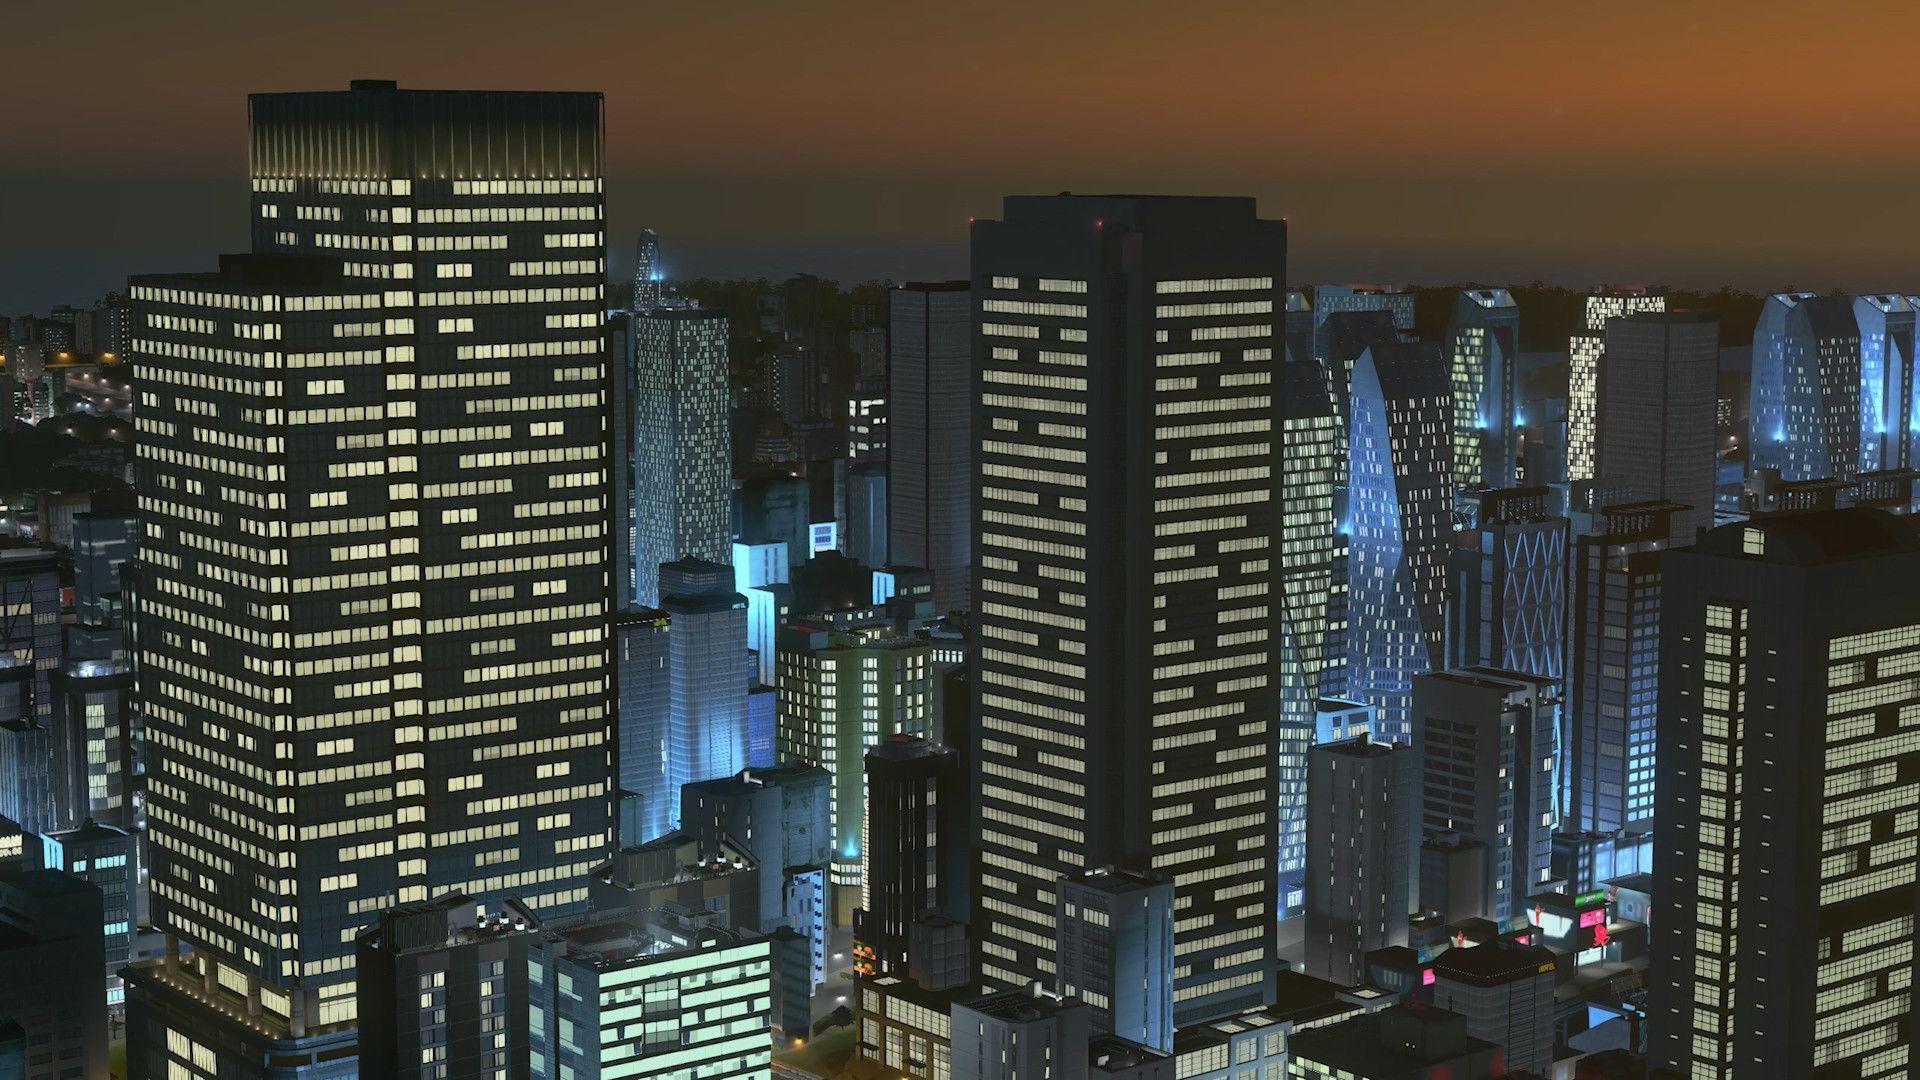 CITIESSKYLINESCCPJAPAN1.jpg